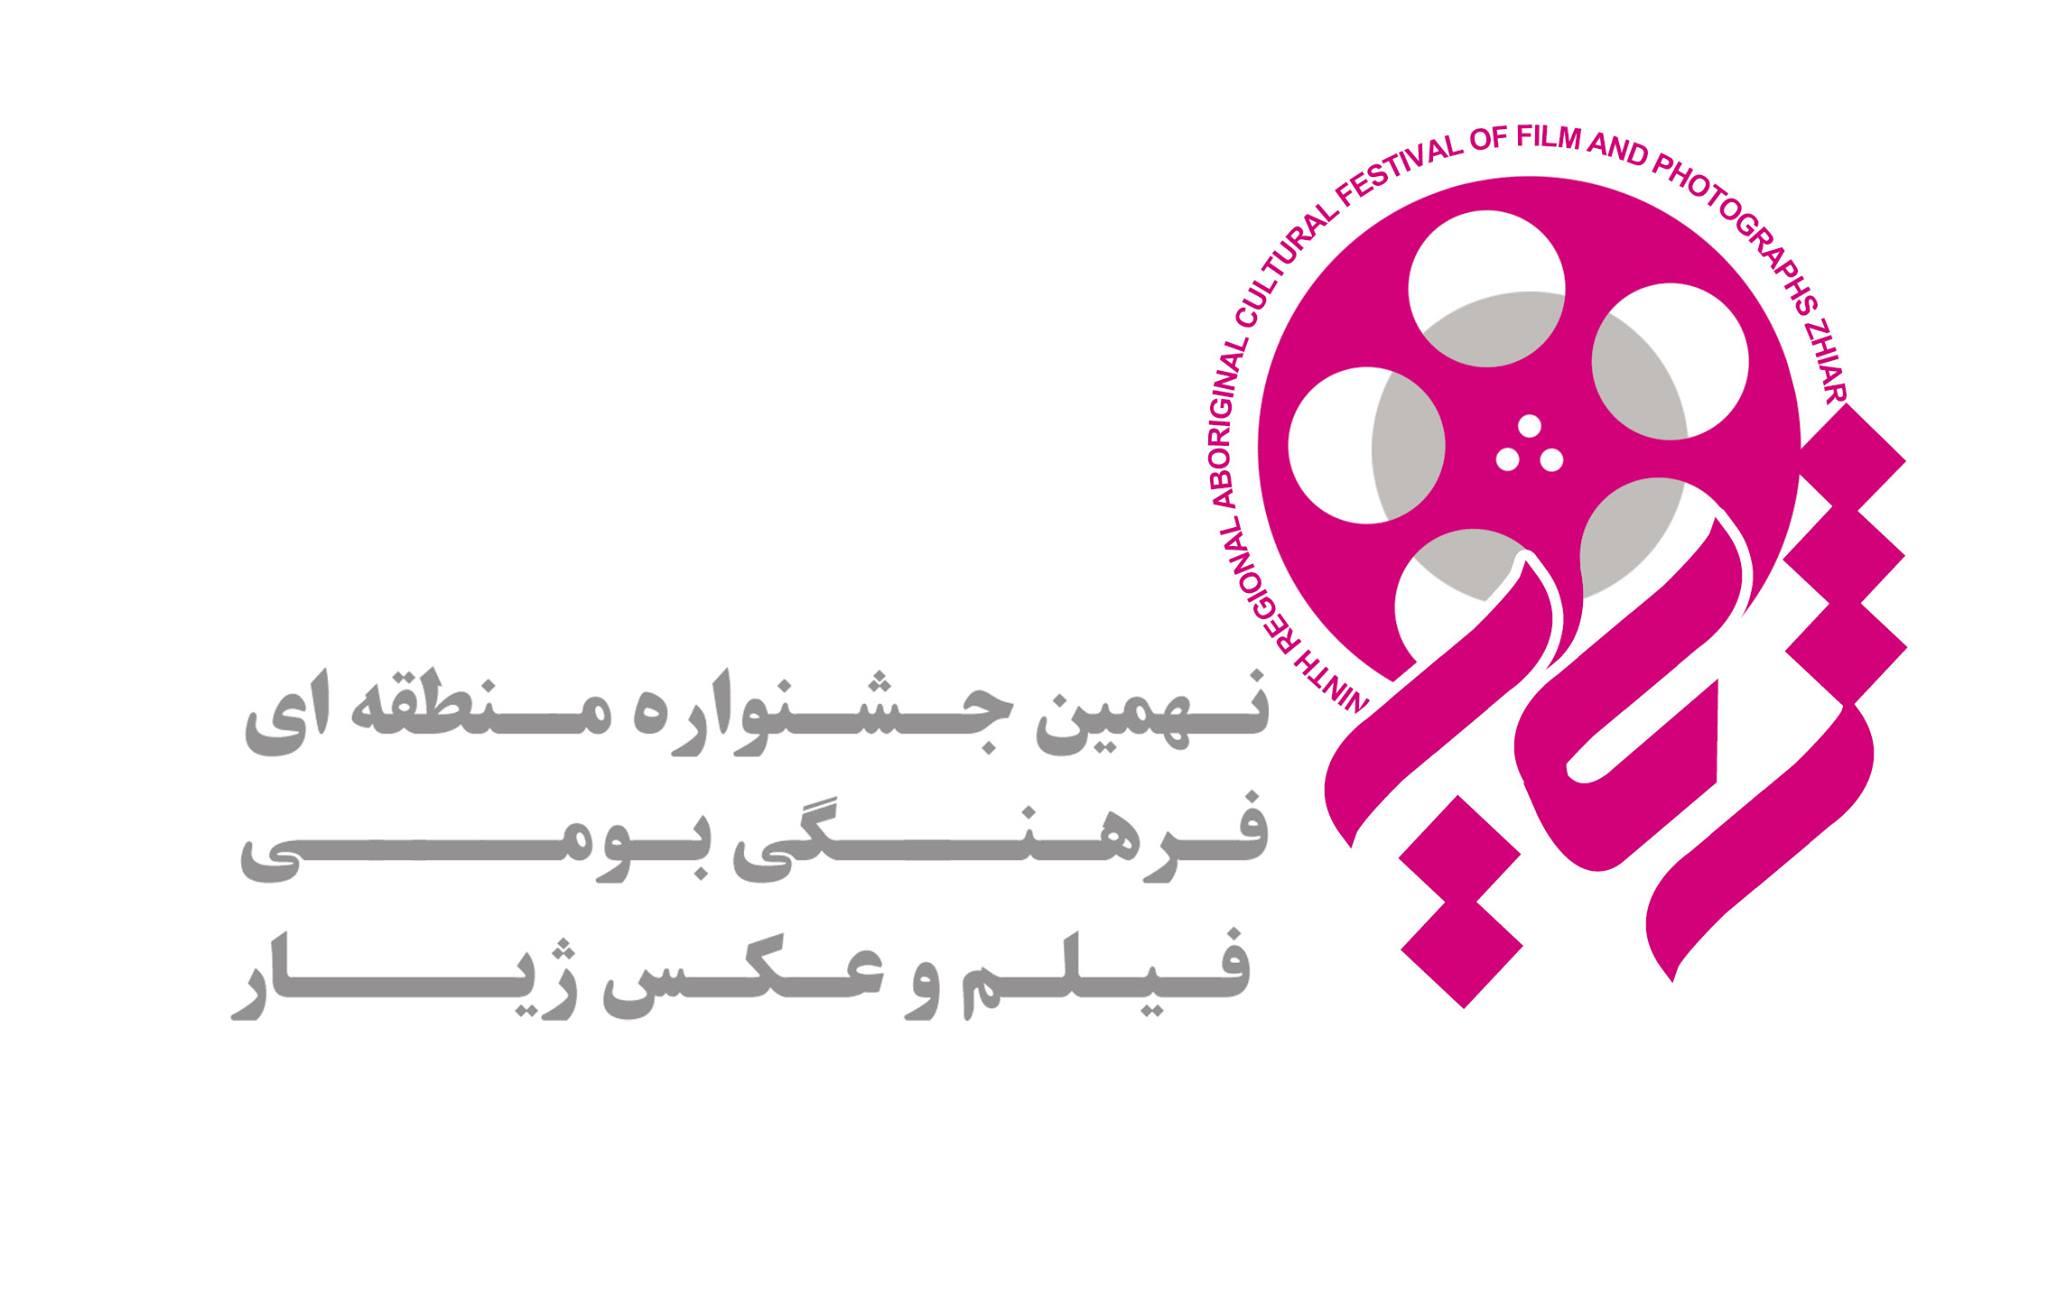 تقدیر بنیاد از اولین زن هنرپیشه، سازنده اولین سینما در جشنواره فیلم ژیار